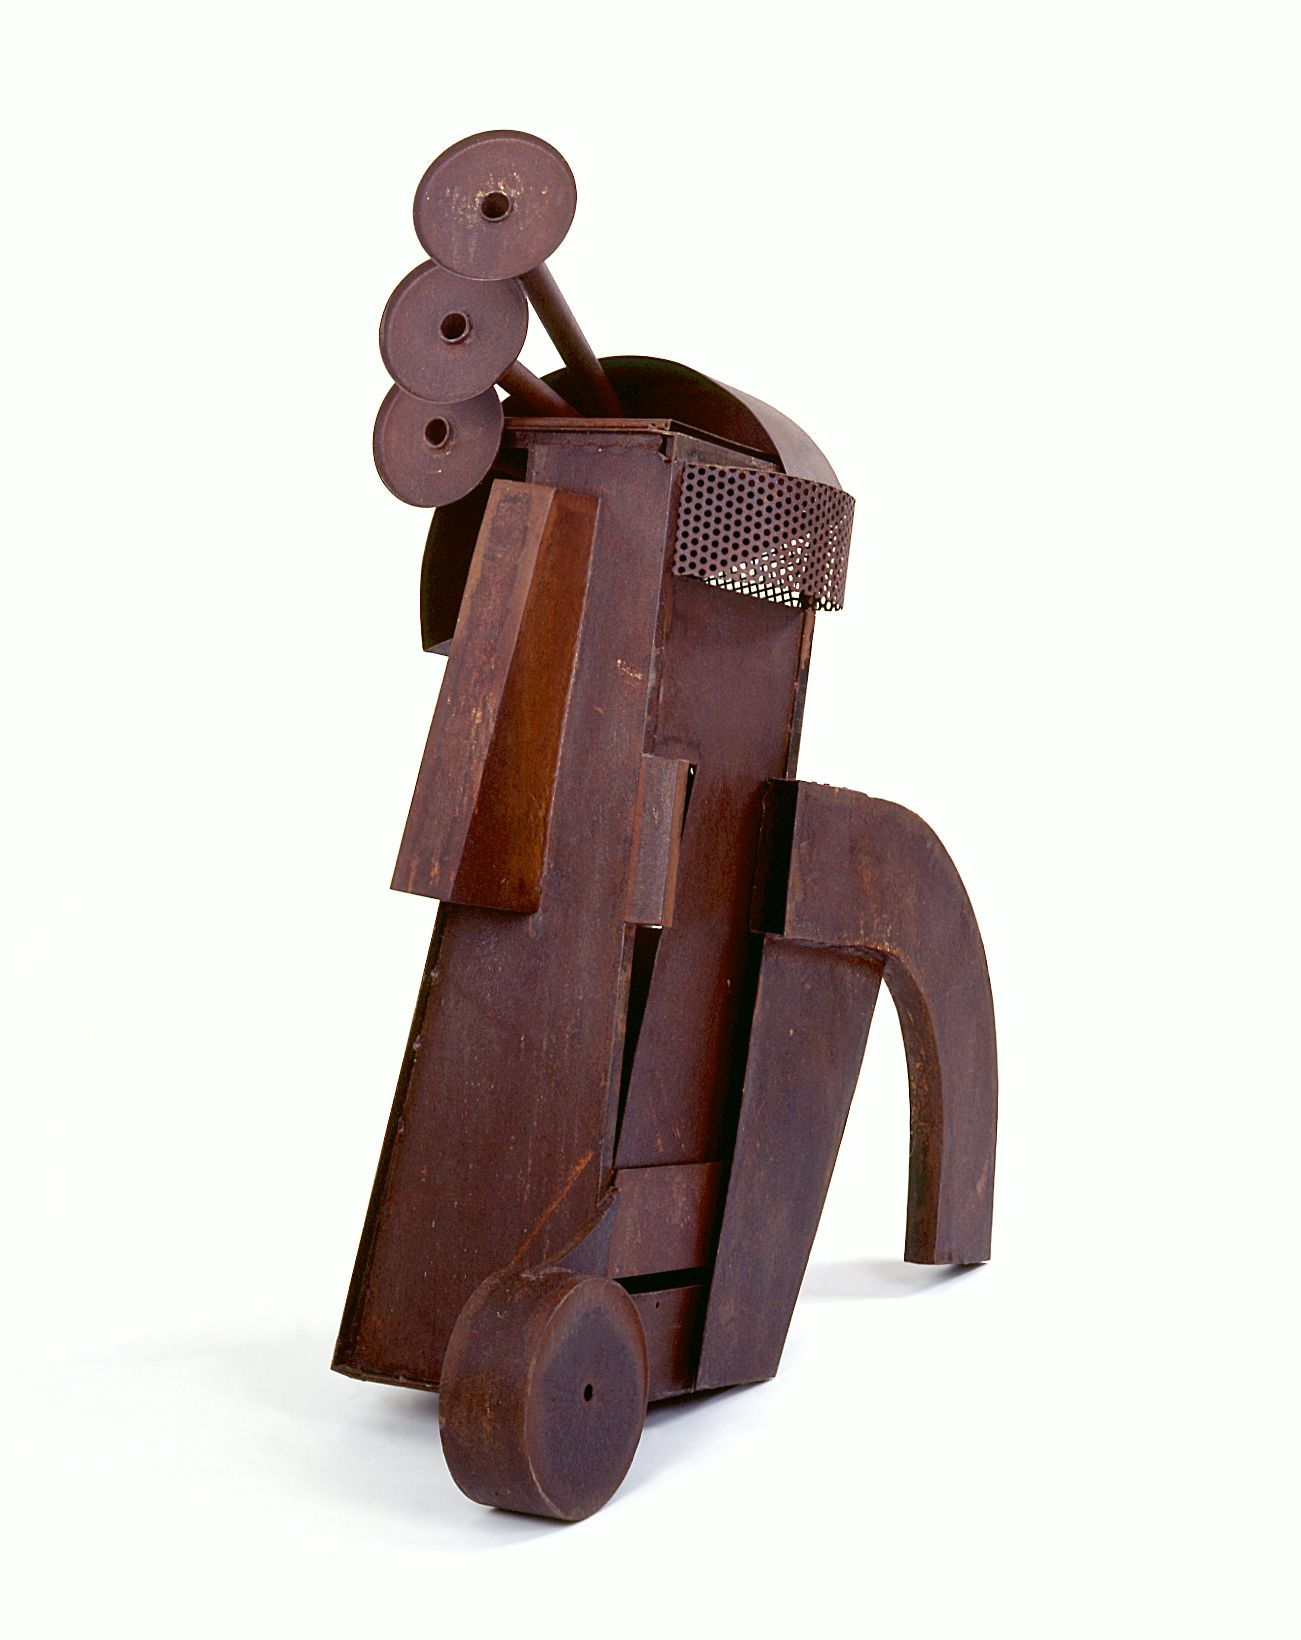 JERICHO, 165 x 133 x 65 cm